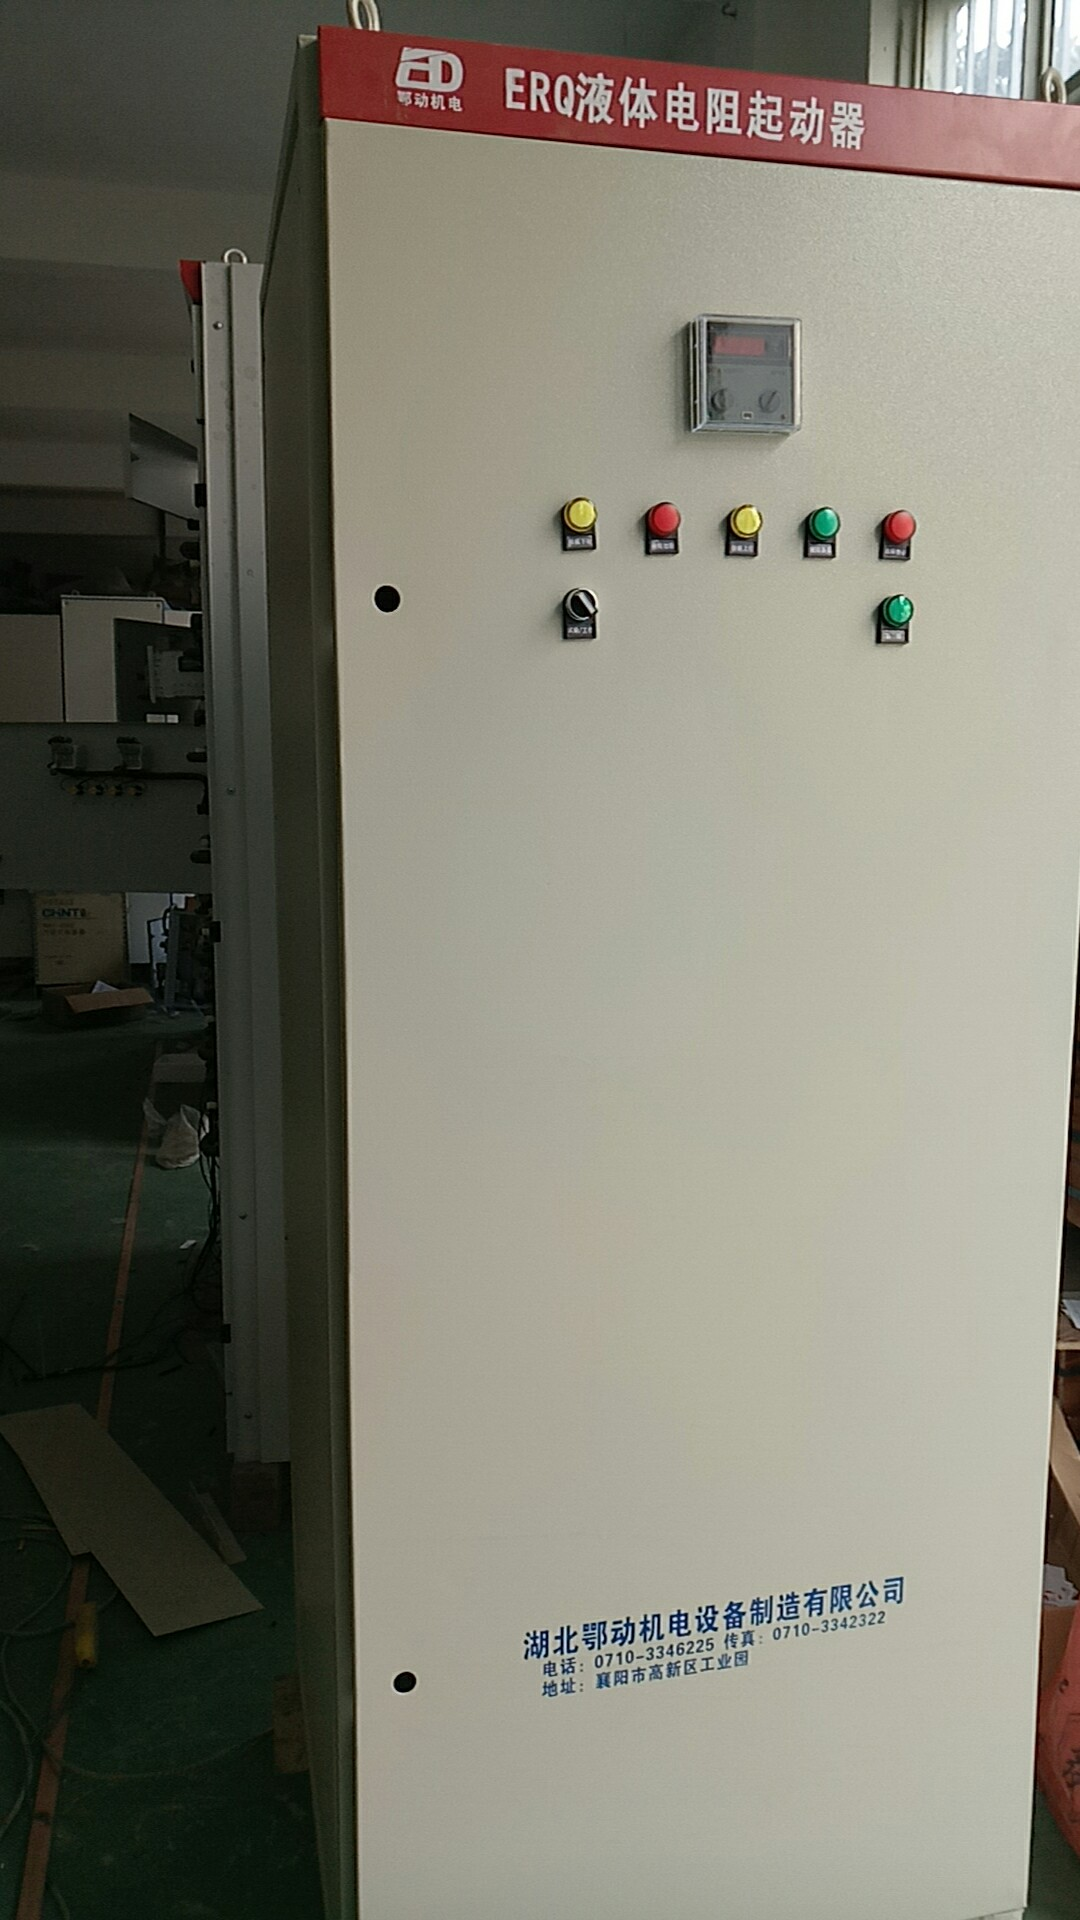 福建泉州水阻柜厂家|鄂动|